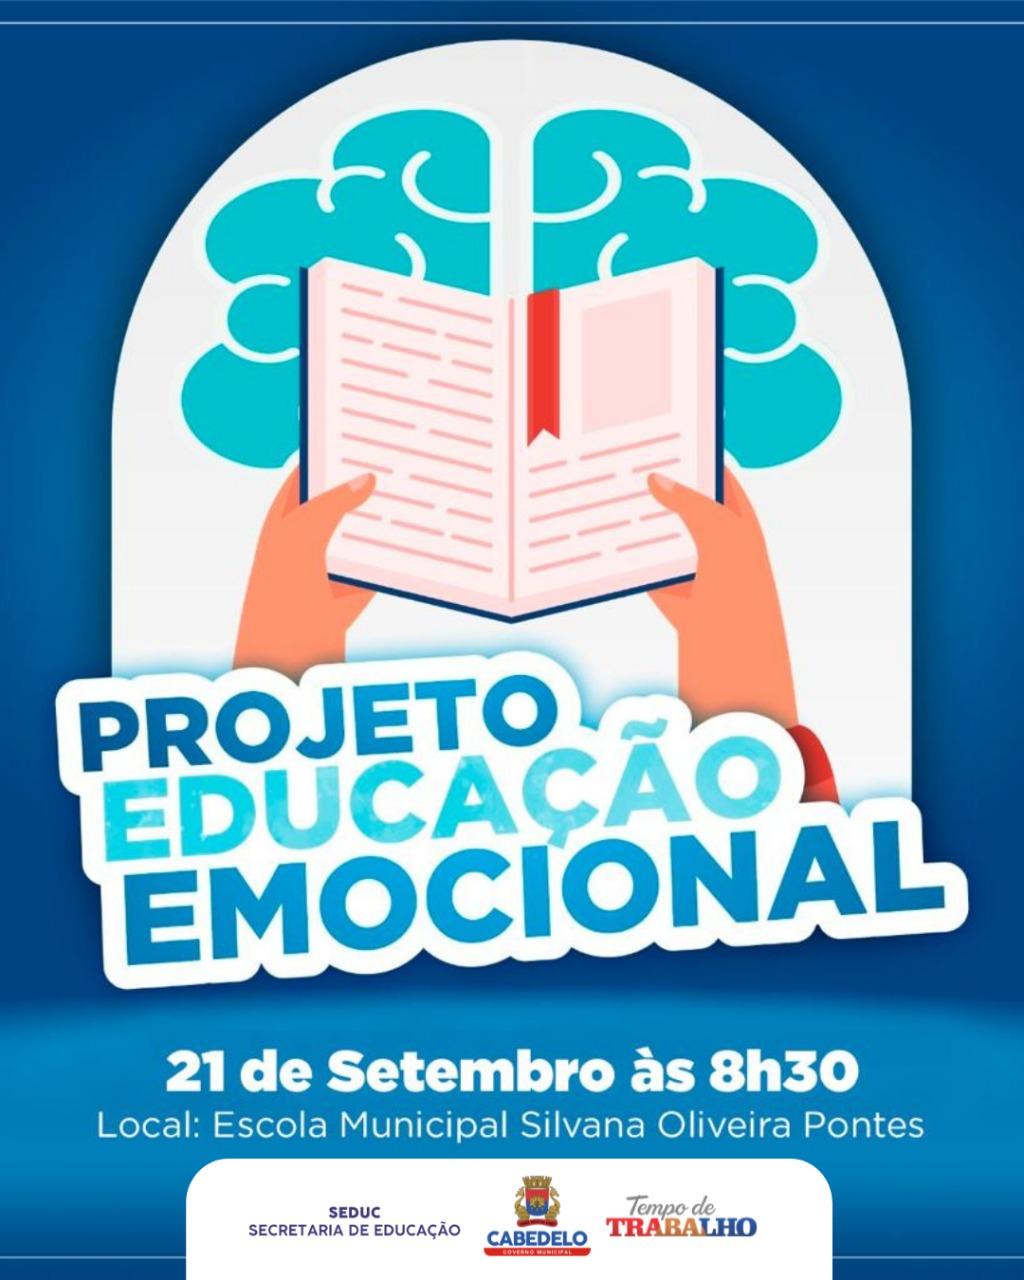 Secretaria de Educação inicia projeto de Educação Emocional para educadores de município